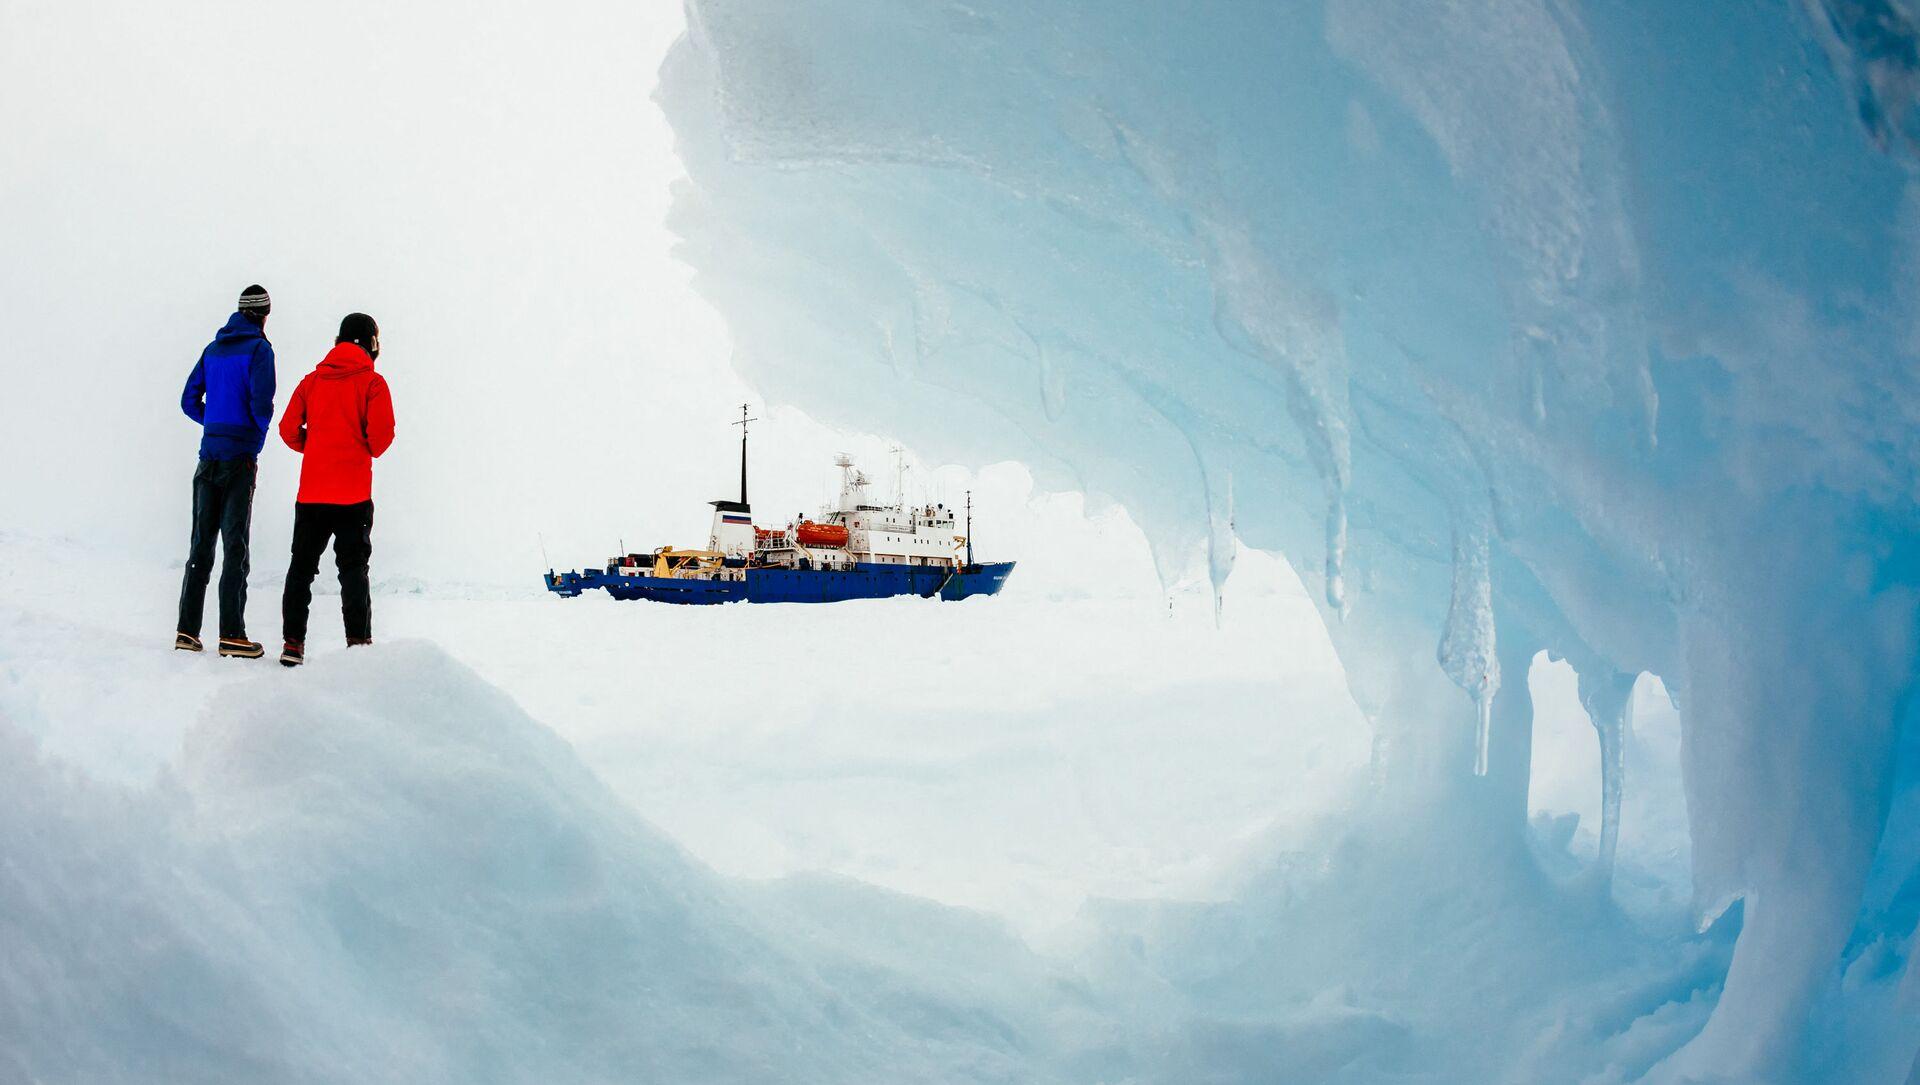 Brod Akademik Šokalski u ledu na Antarktiku - Sputnik Srbija, 1920, 04.07.2021